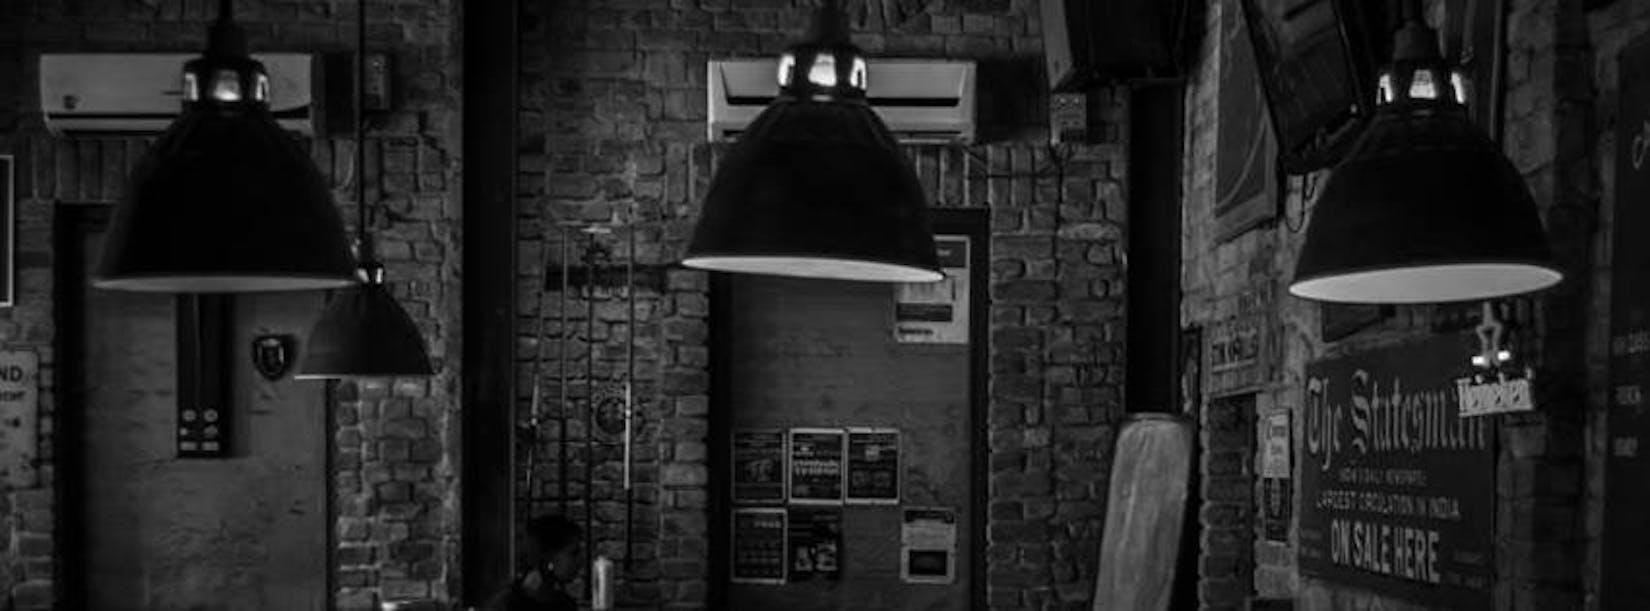 50th Street Restaurant & Bar | yathar